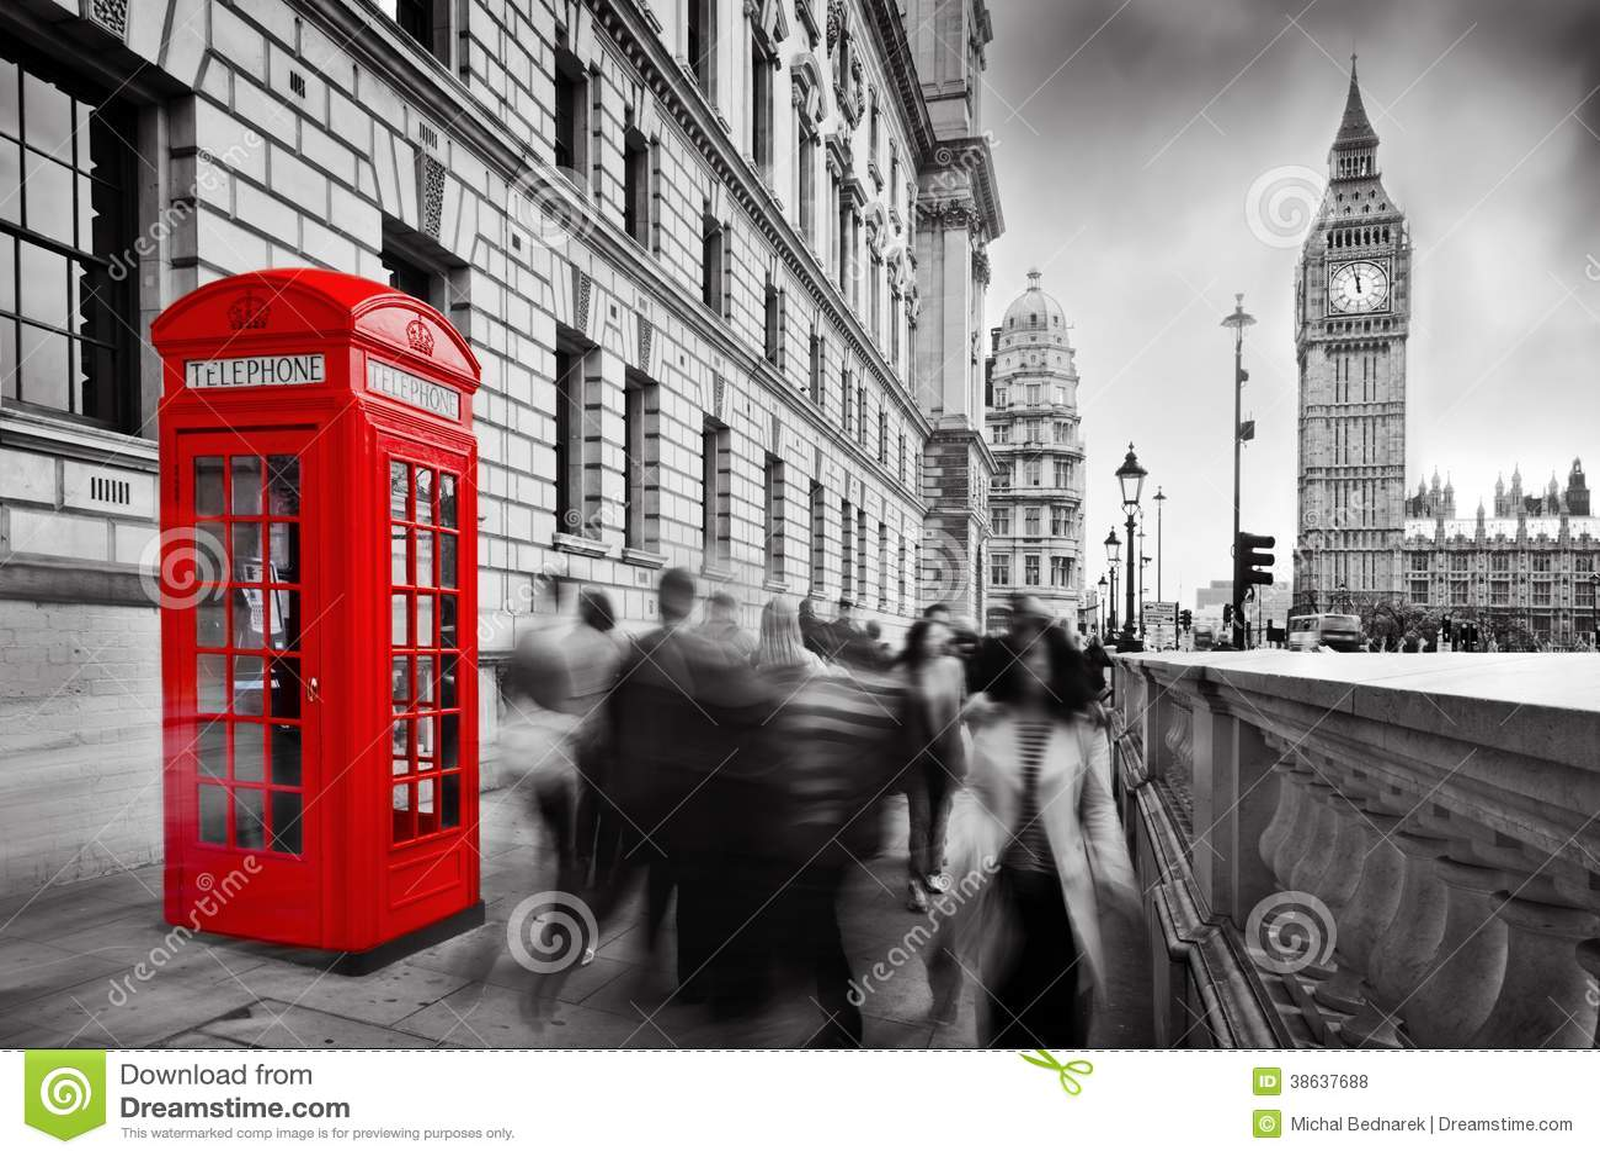 Rote Telefonzelle und Big Ben. London, Großbritannien